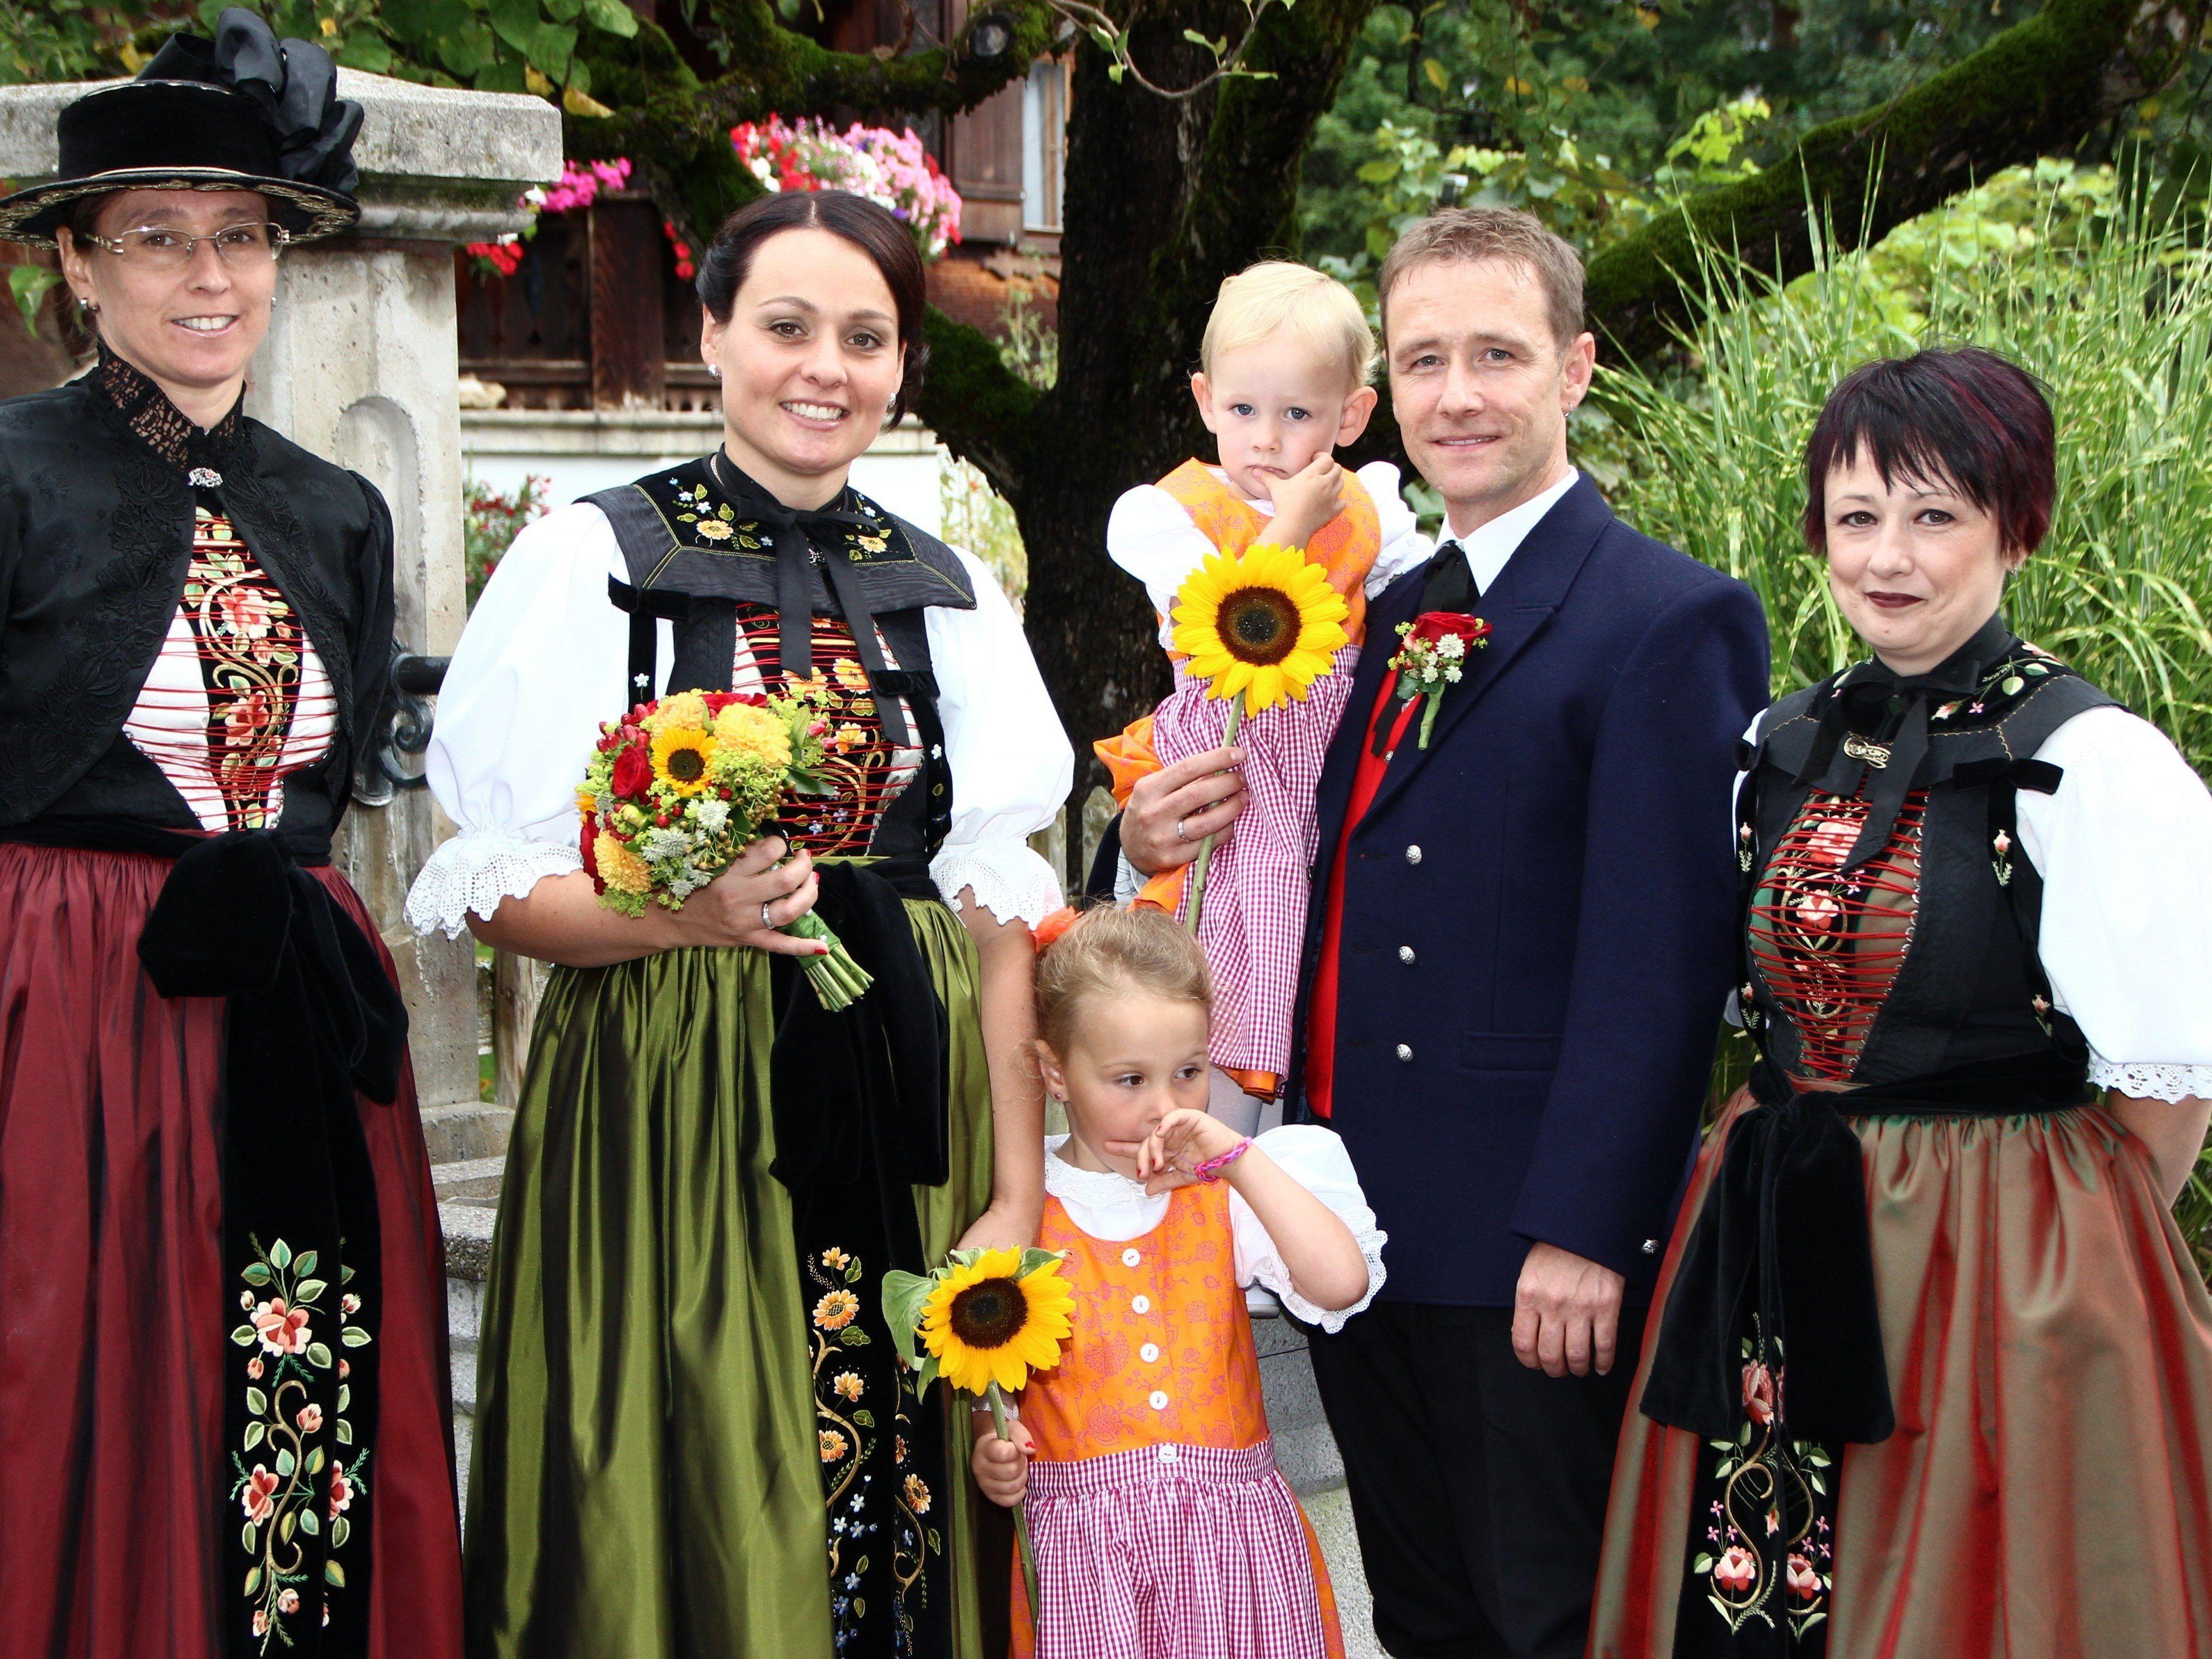 Hochzeit von Theresia Bitschnau und Thomas Kubicki - Schruns | VOL.AT